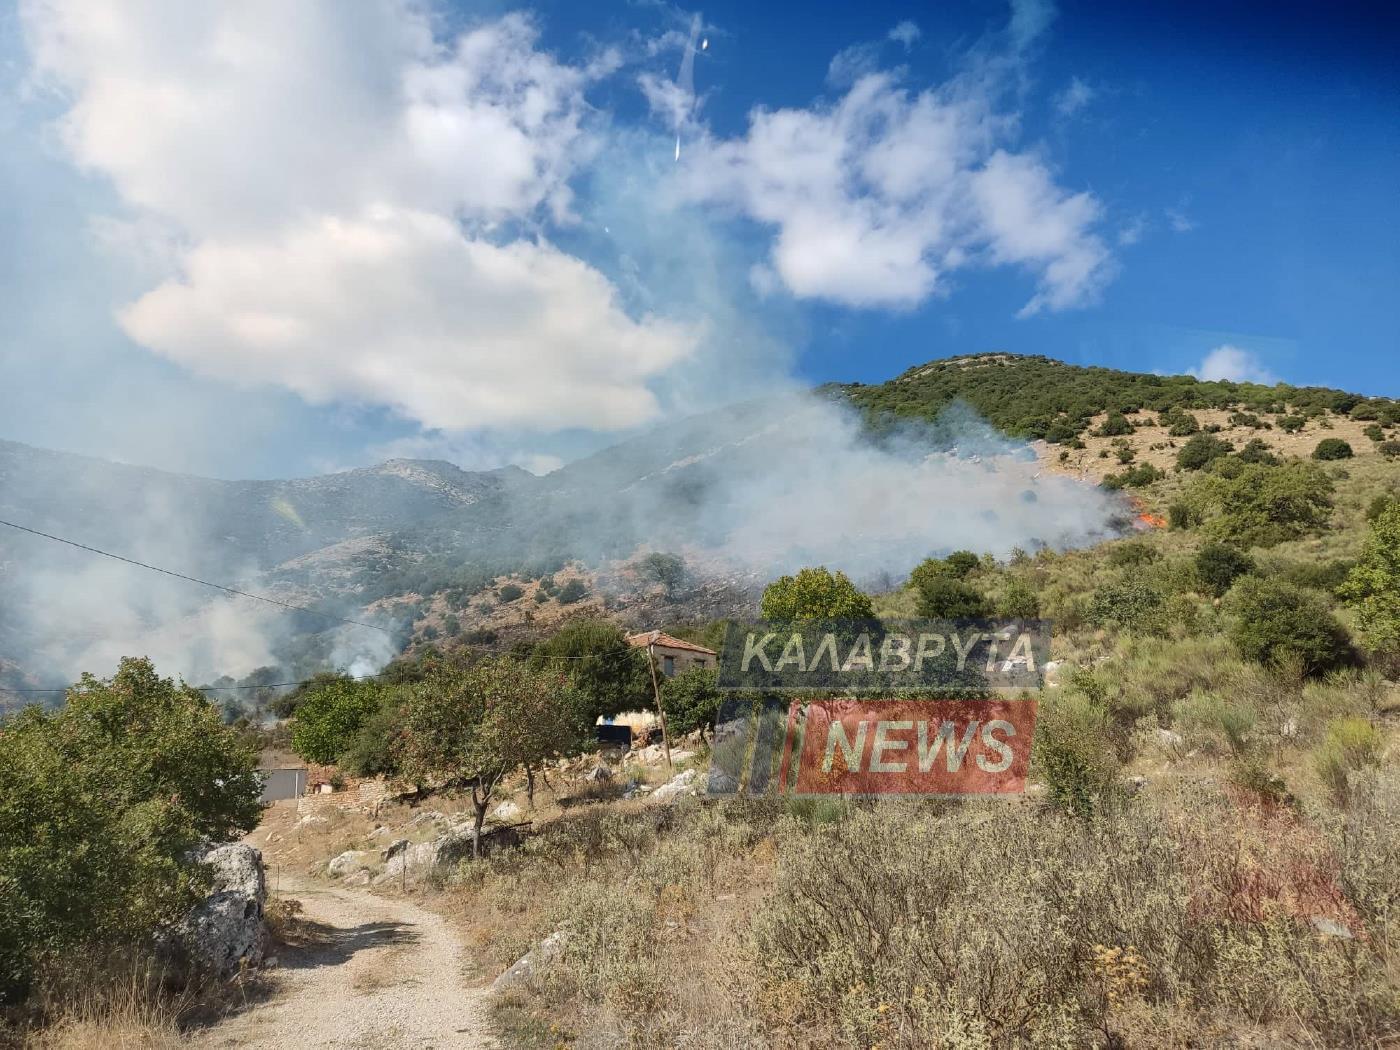 Μεγάλη πυρκαγιά στα Καλάβρυτα - Συναγερμός στην Πυροσβεστική